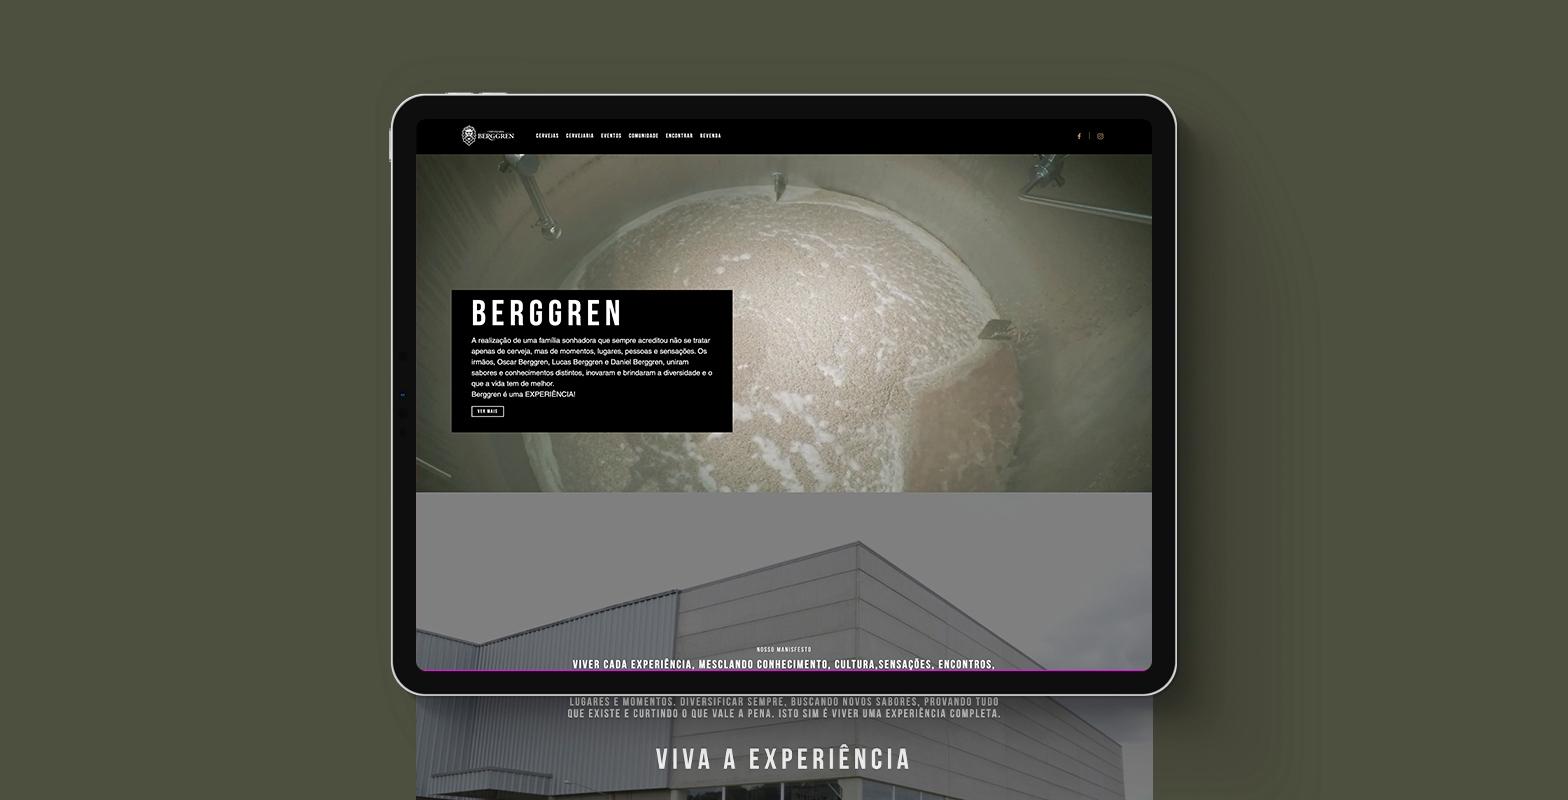 Berggren Bier - Identidade visual e Branding (14)